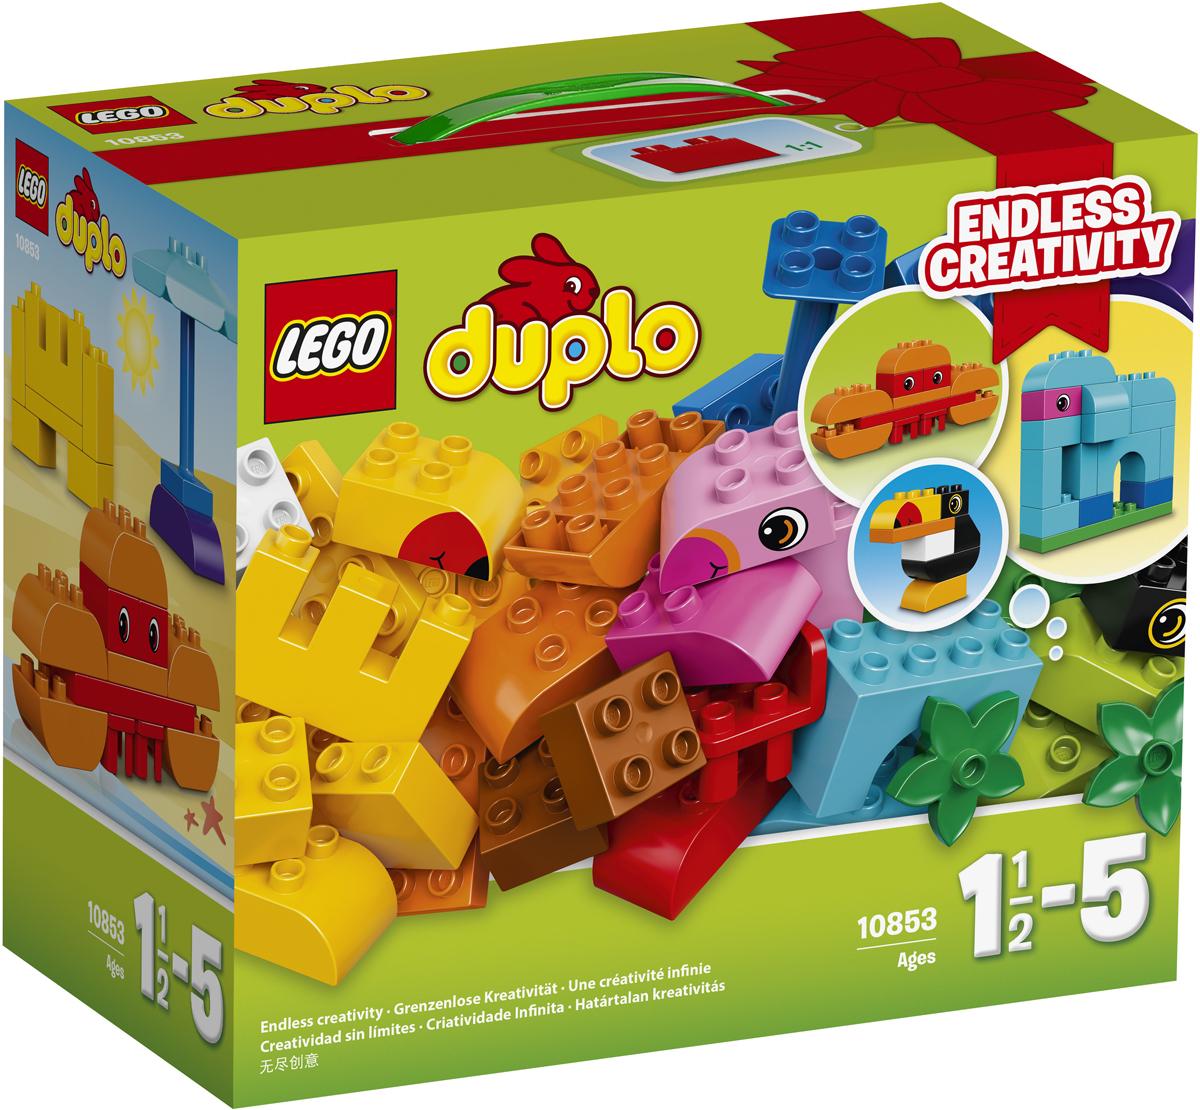 LEGO DUPLO Конструктор Набор деталей для творческого конструирования 10853 lego lego duplo набор деталей для творческого конструирования